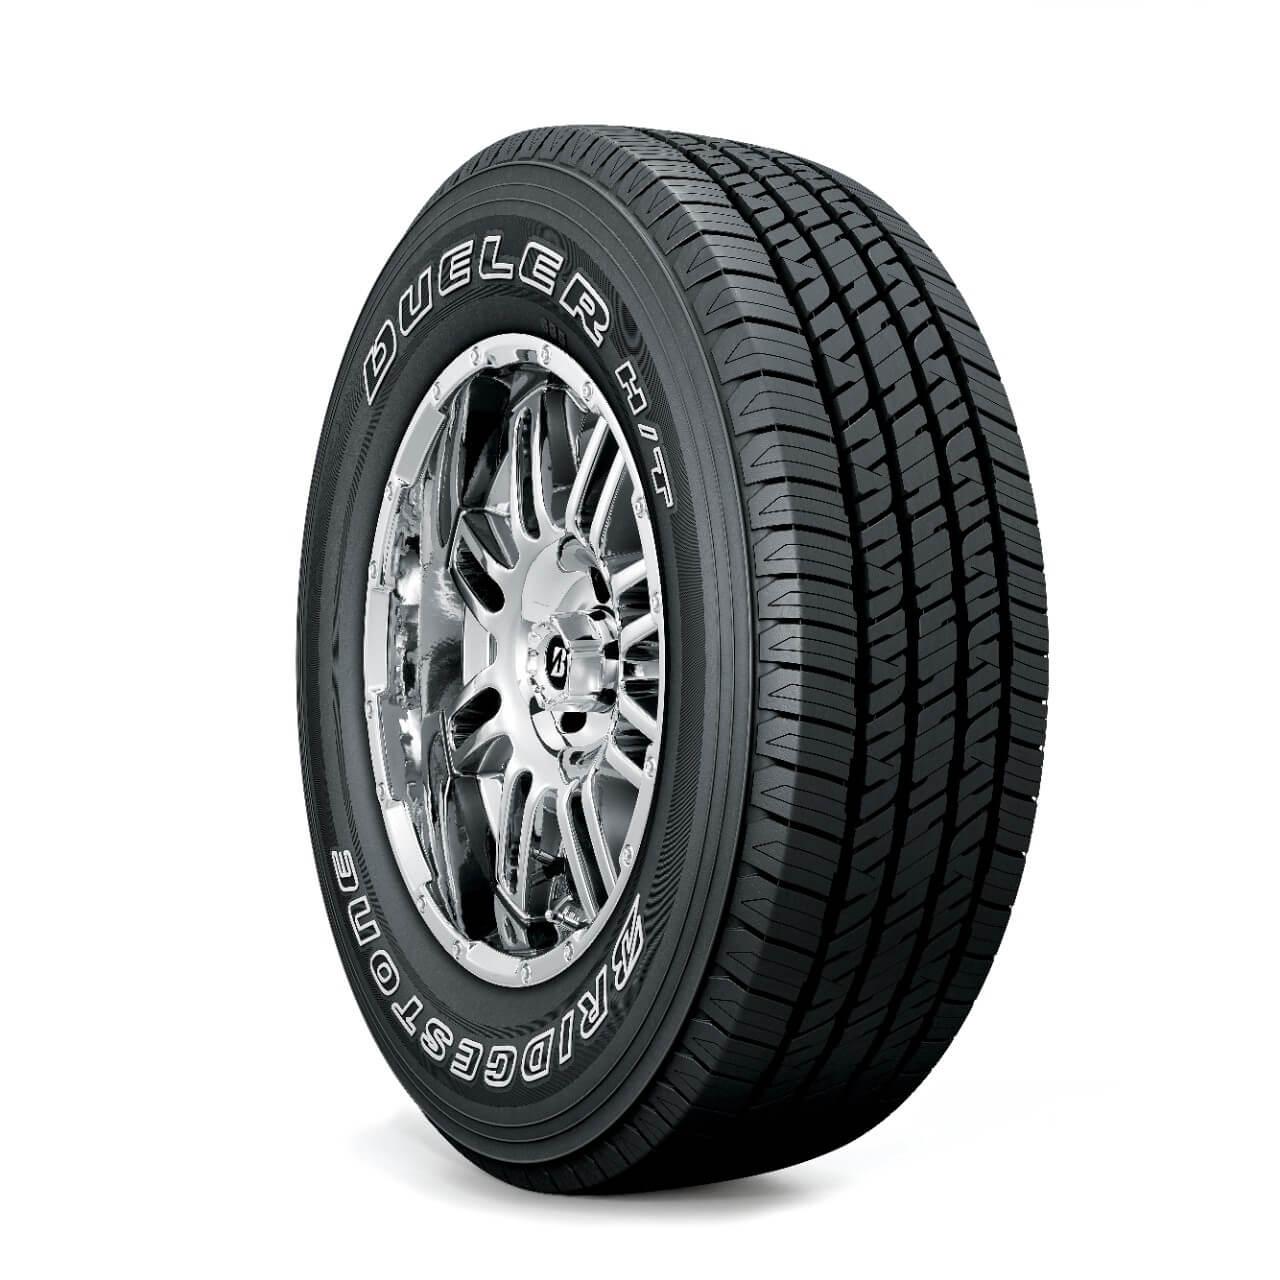 Bridgestone Dueler H/T  265/70 R116